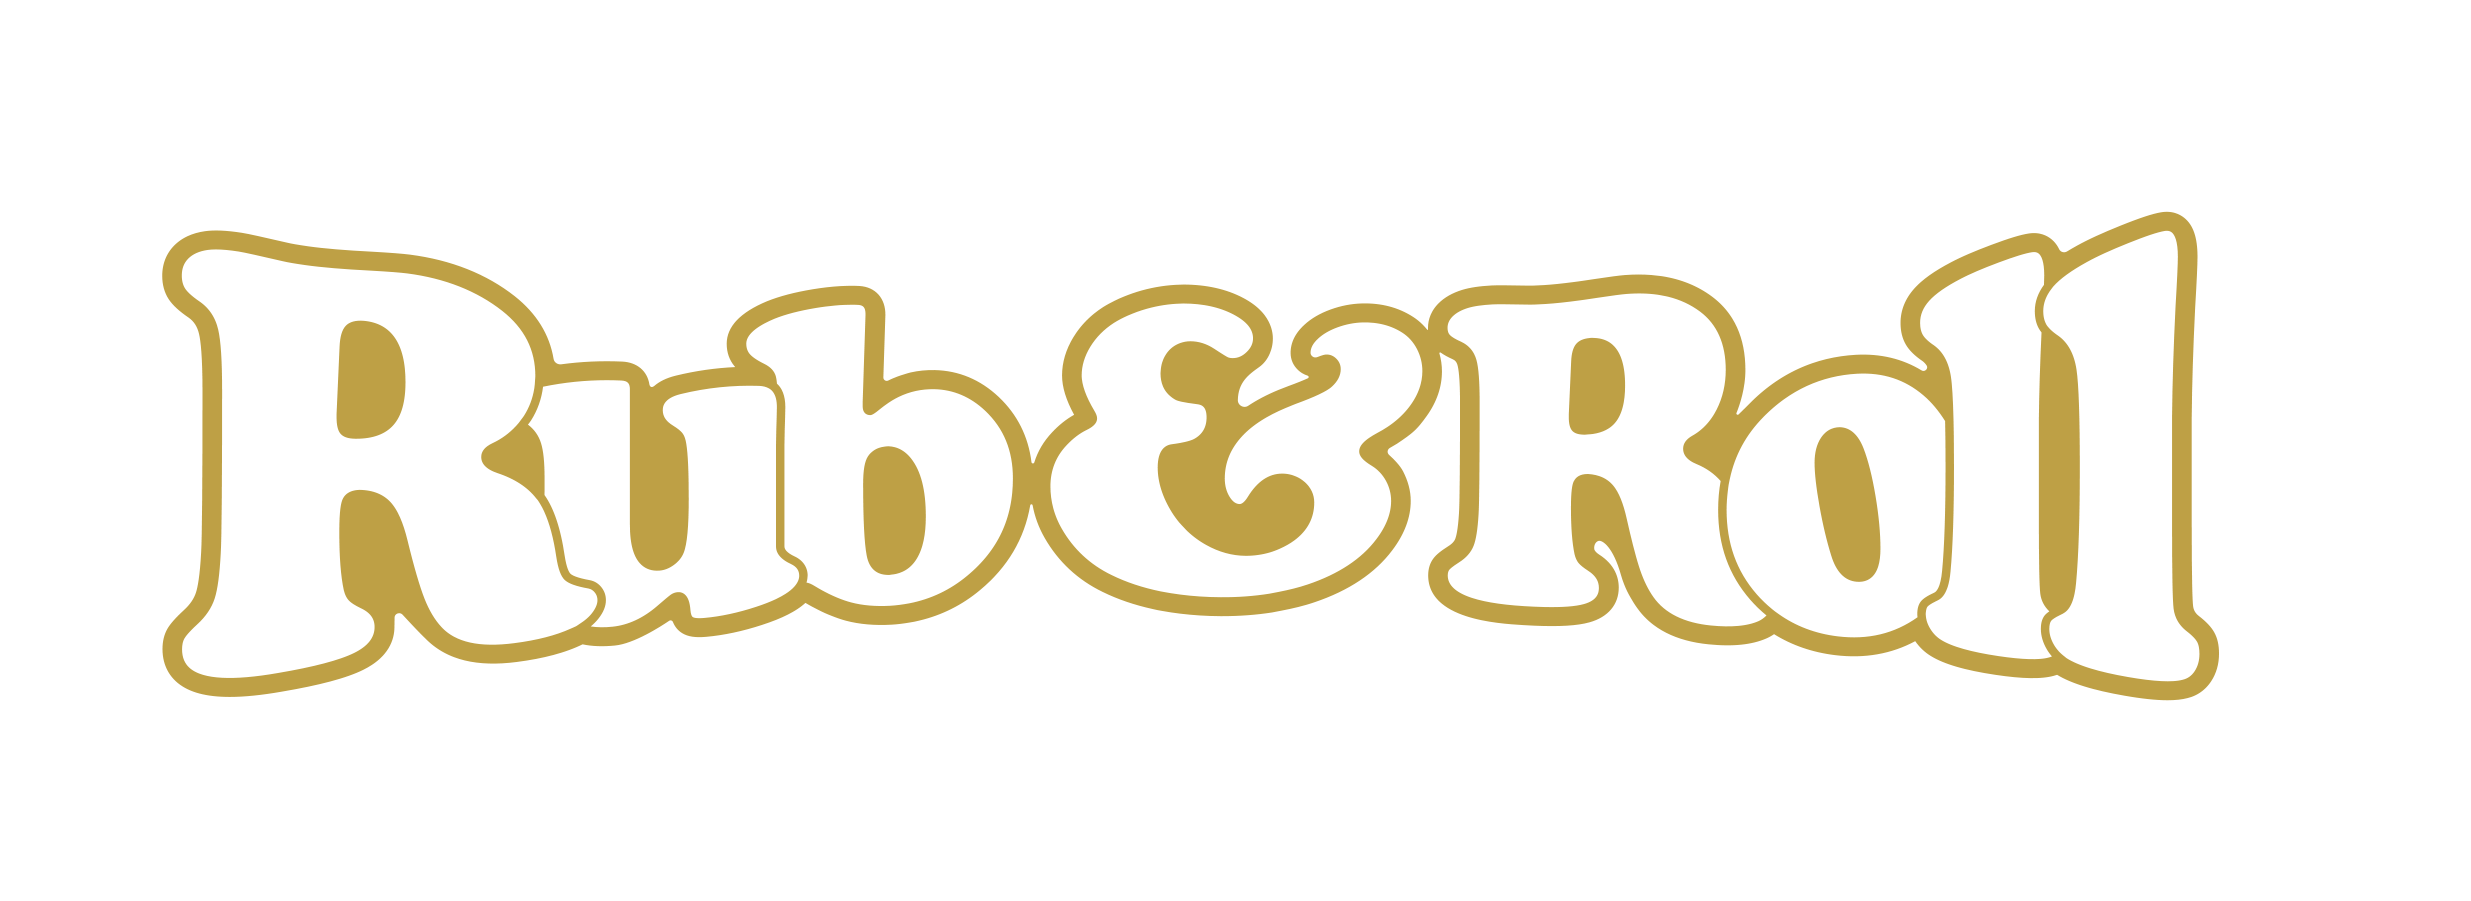 Rub & Roll Barbecue